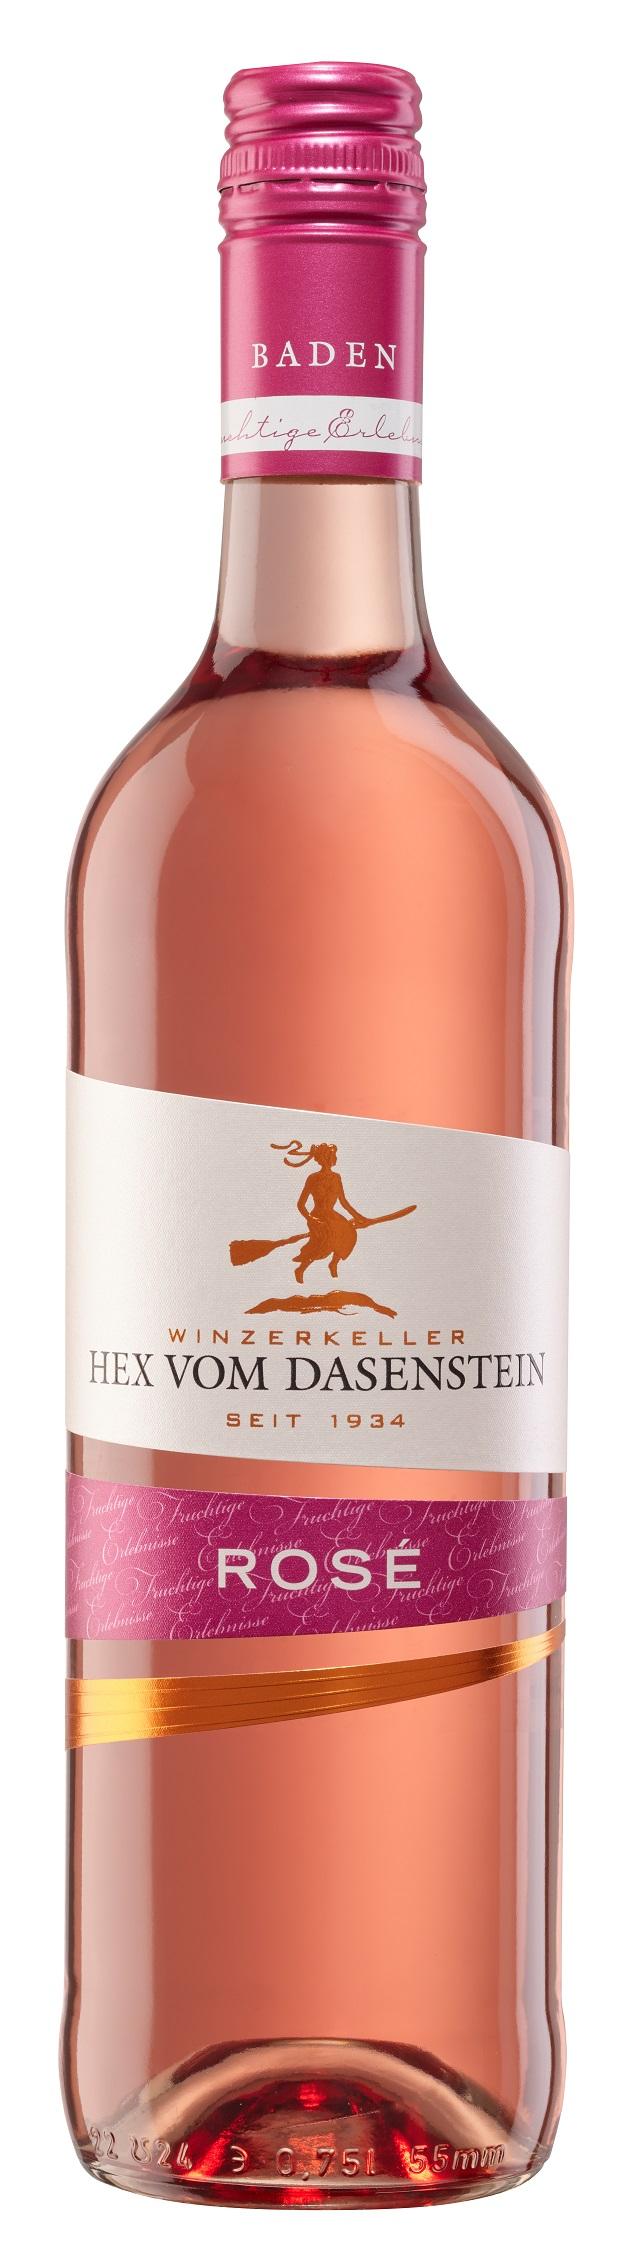 Hex vom Dasenstein, Rosé Qualitätswein feinherb